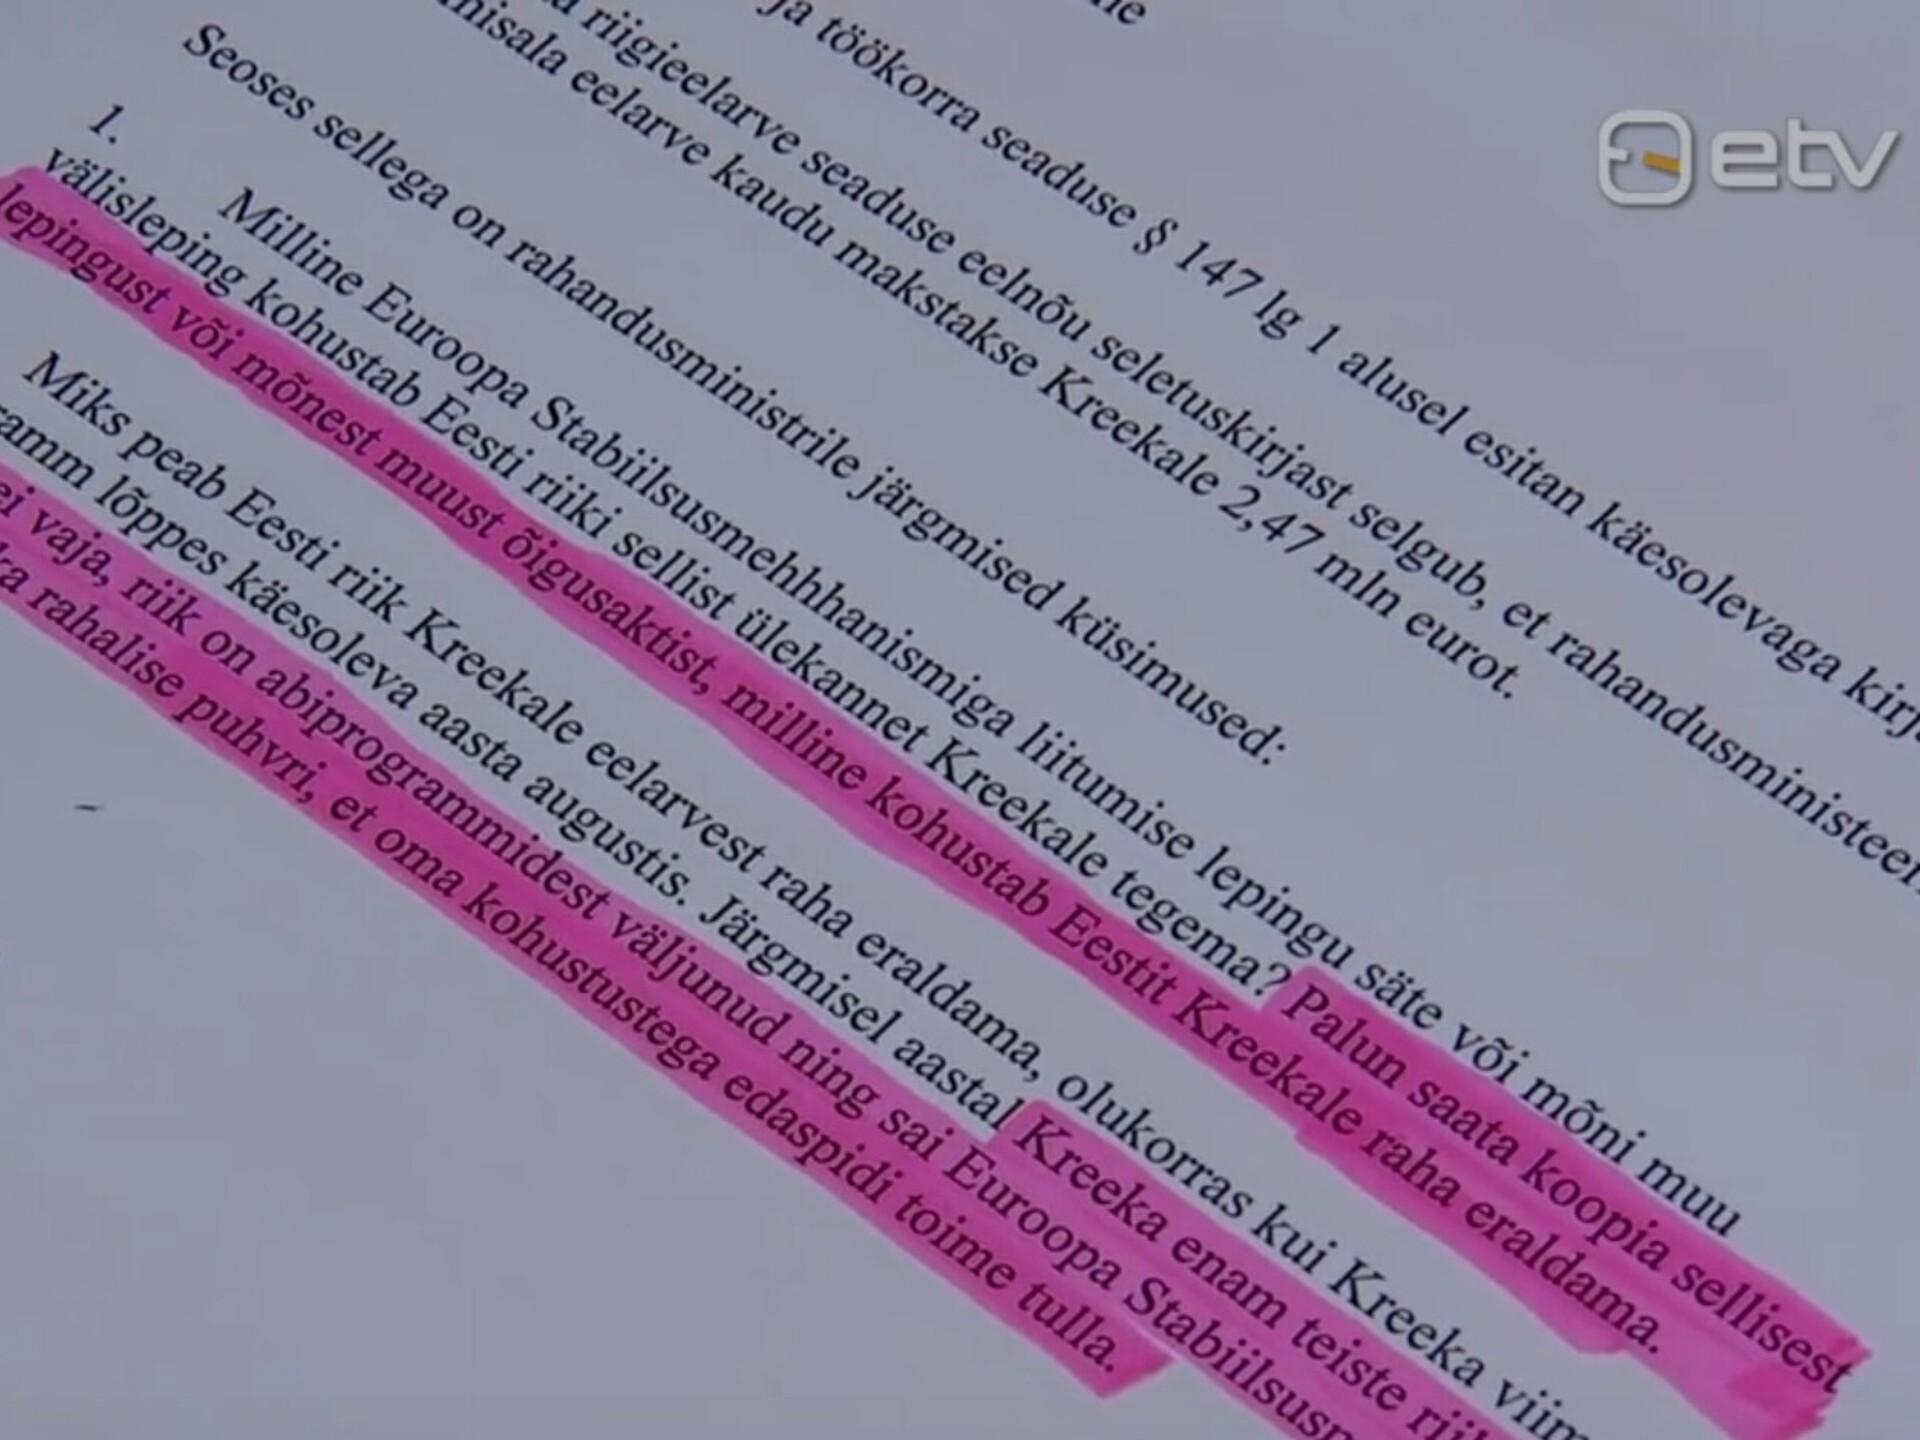 1225cea28d1 Eesti kavatseb vaatamata abiprogrammi lõppemisele maksta Kreekale ligi 2,5  miljonit eurot   Eesti   ERR